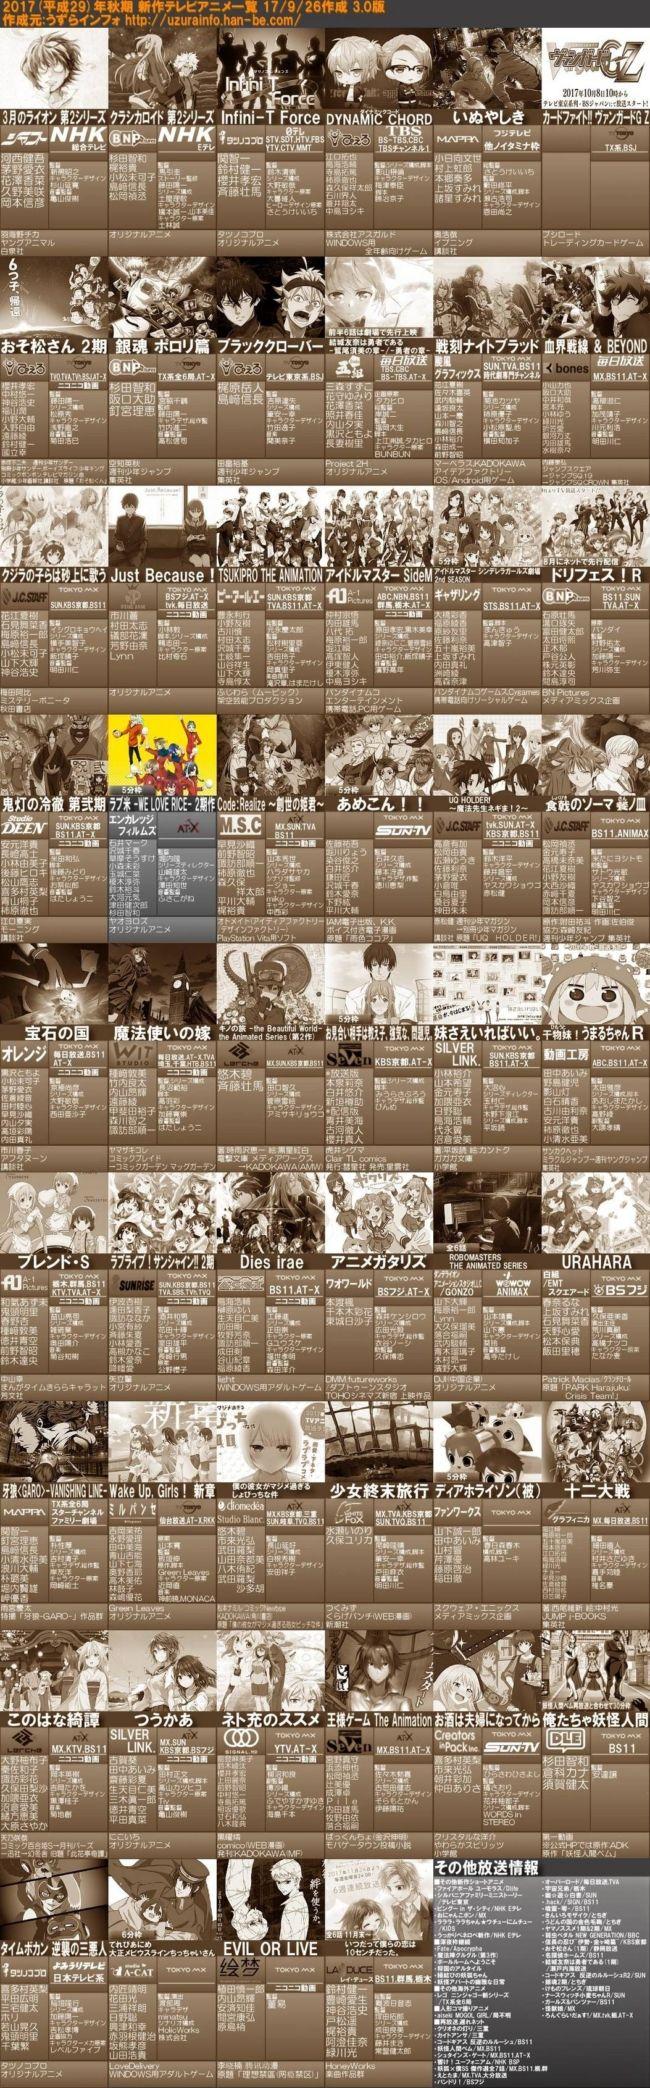 カドカワ KADOKAWA 不買 アニメ ラノベ リス けものフレンズ けもフレ騒動に関連した画像-02